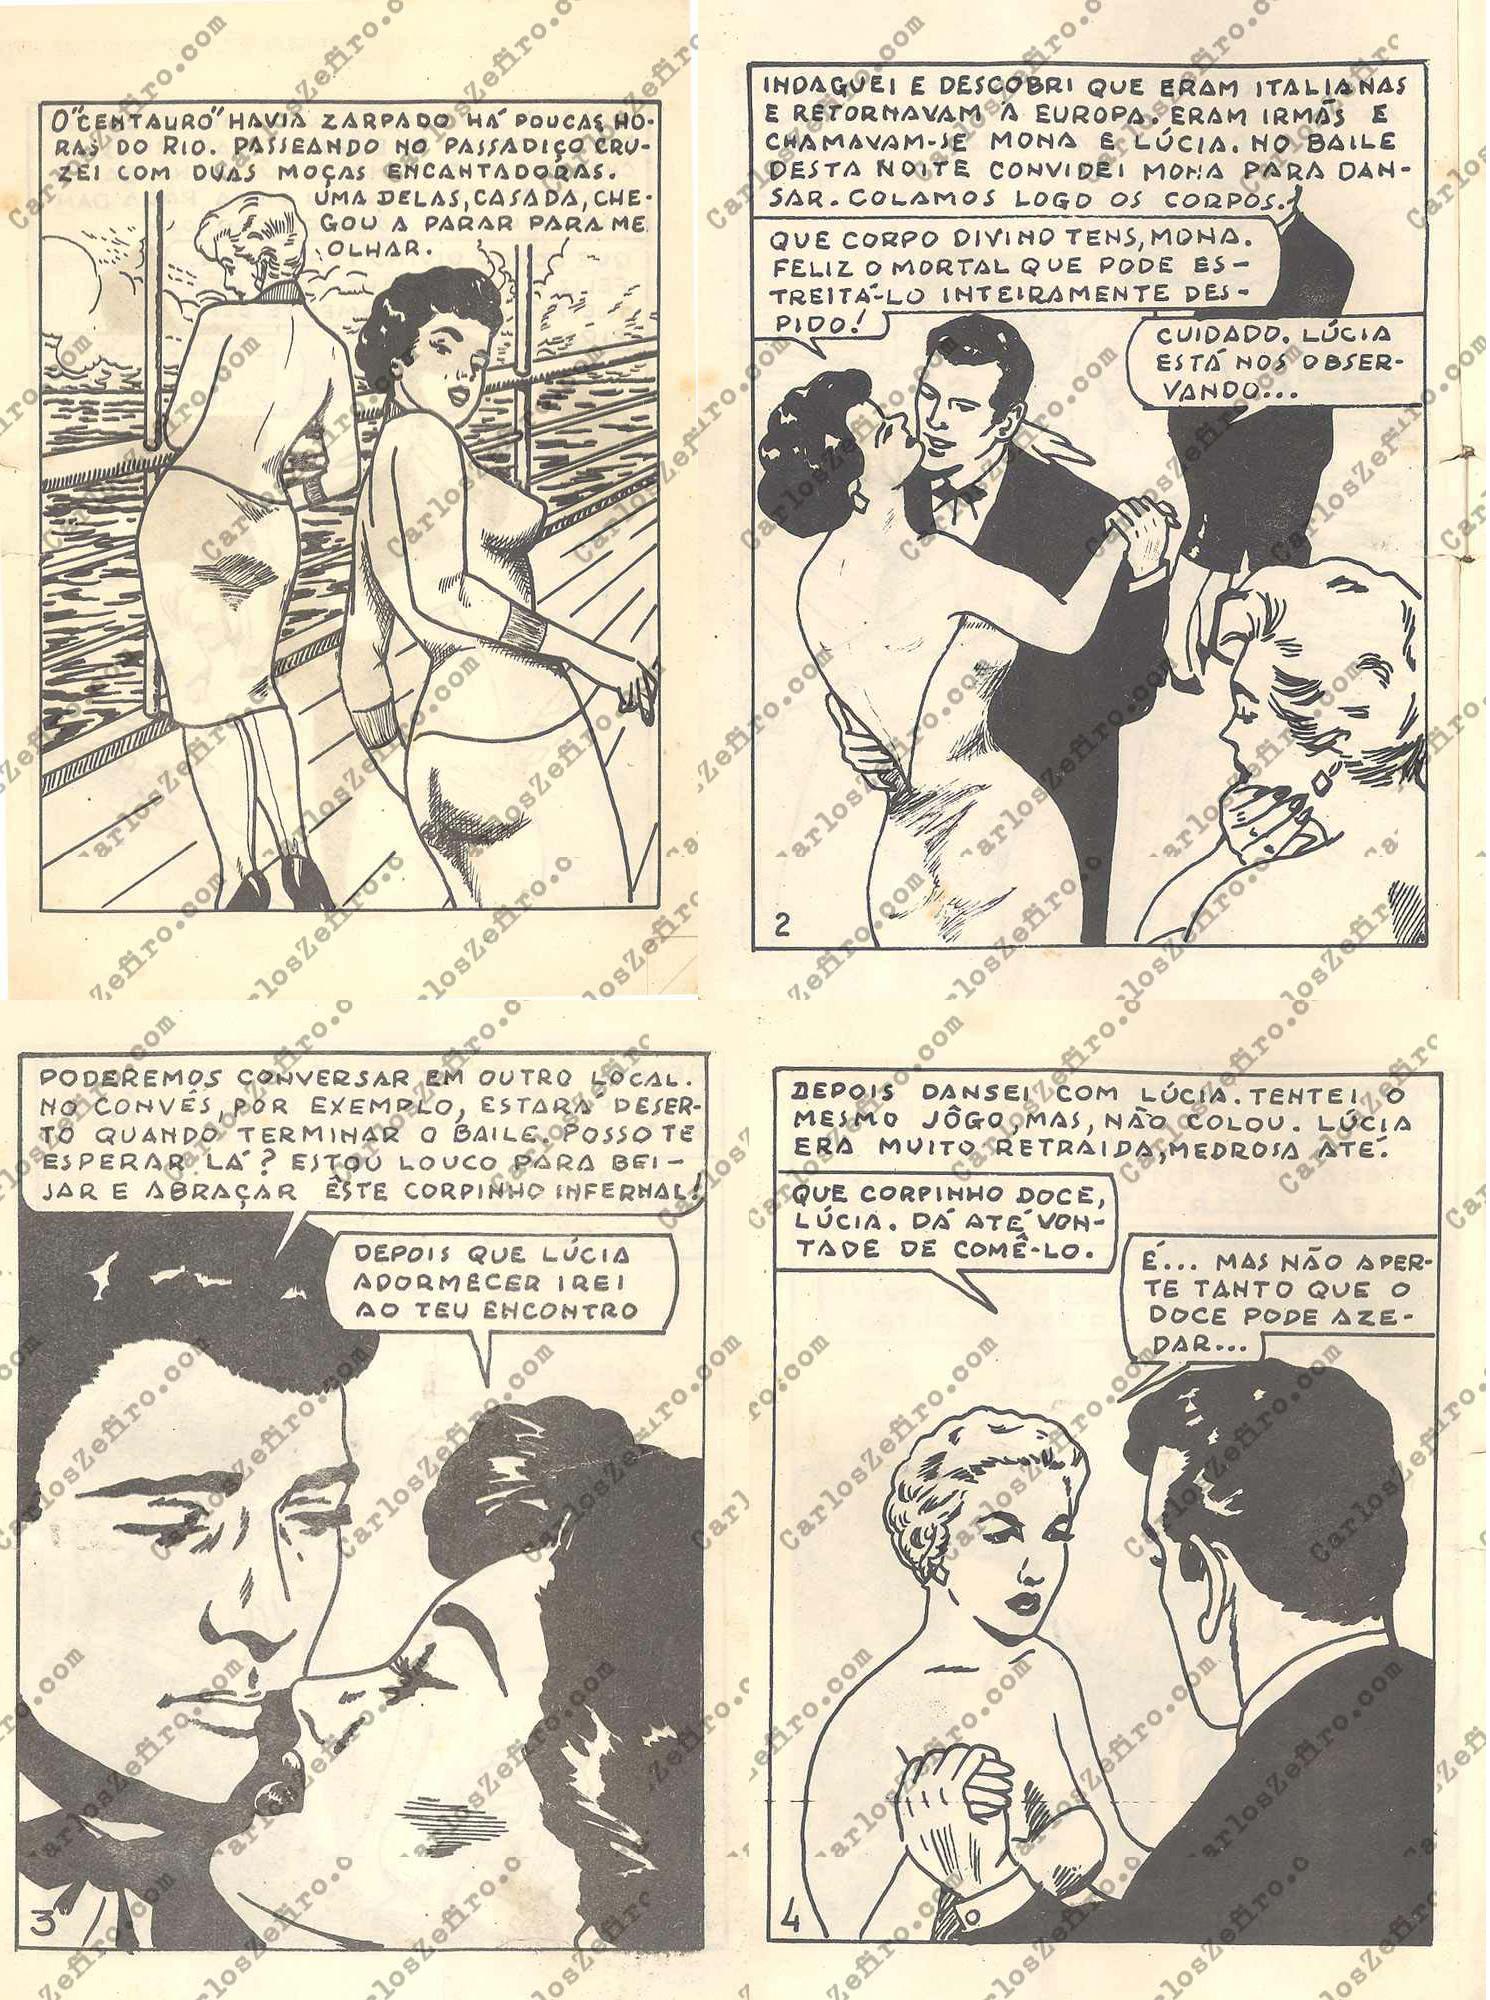 carlos-zefiro-quadrinhos-eroticos-pornograficos-arte-13